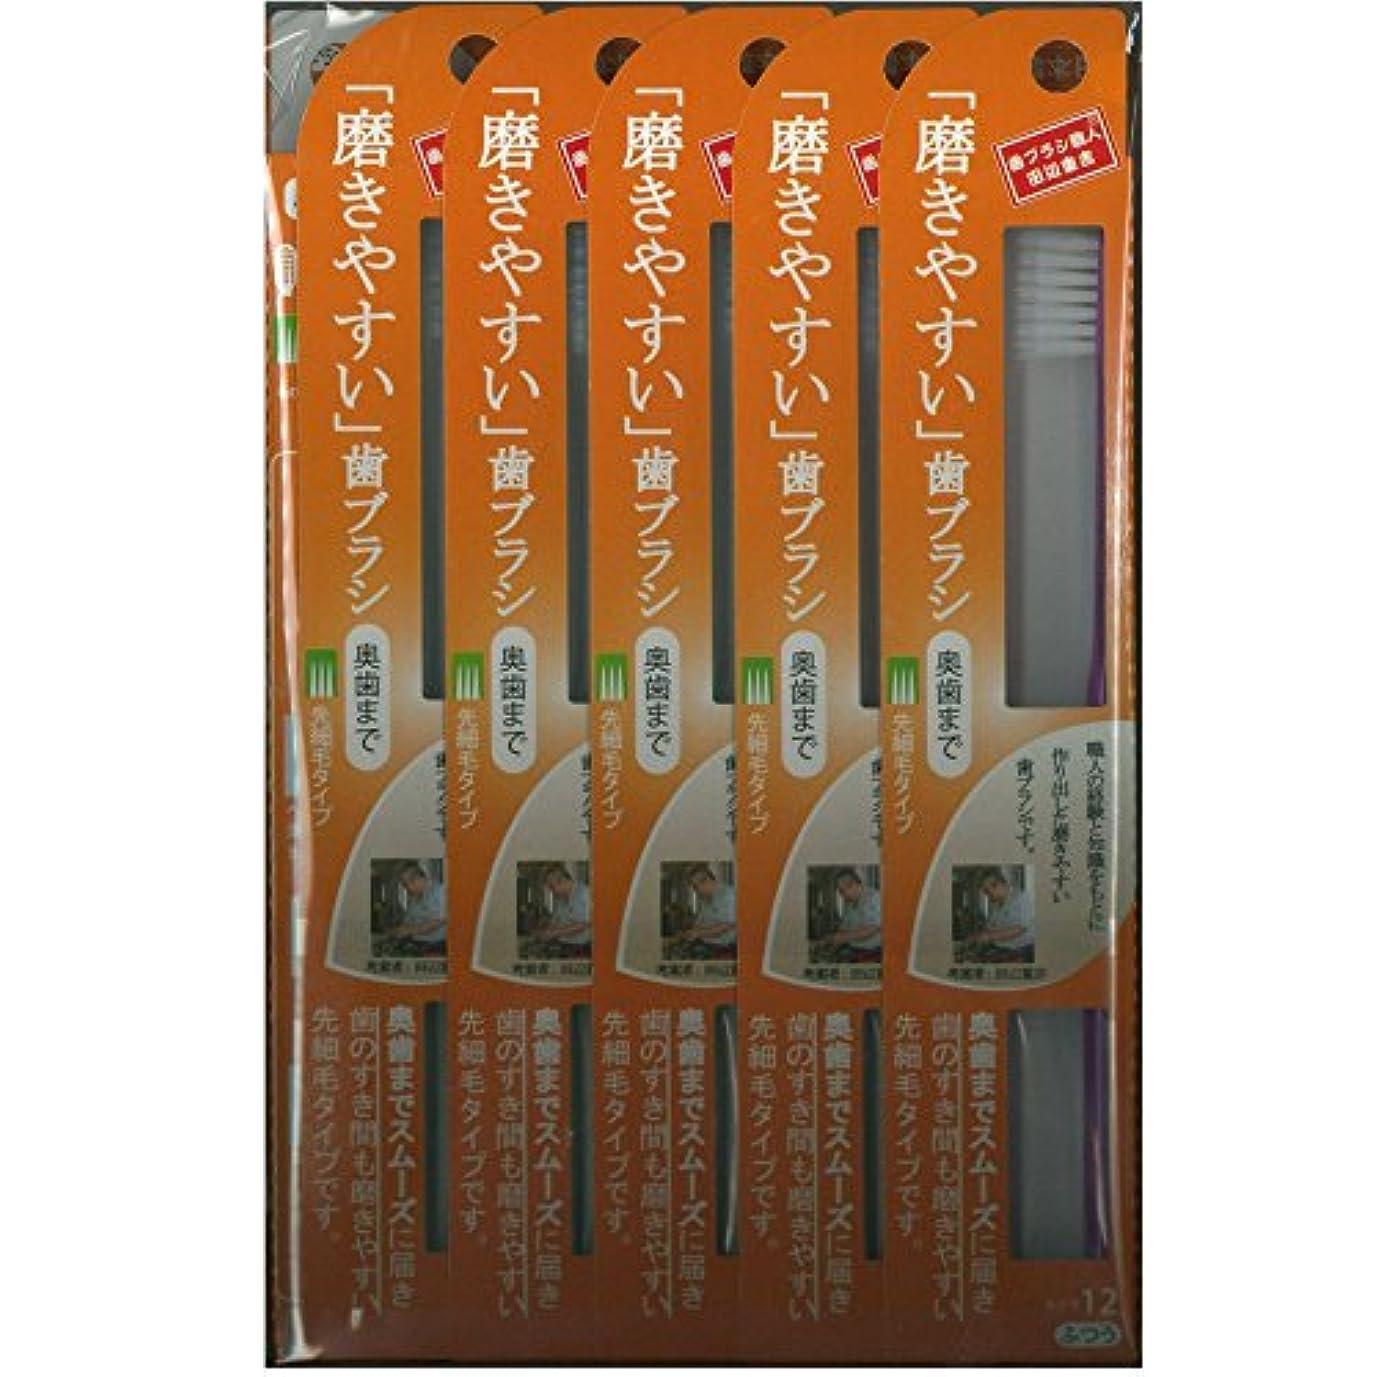 印をつけるサスペンションストライプ磨きやすい歯ブラシ(奥歯まで)先細 LT-12×12本セット( ピンク×4本、ブルー×4本、グリーン×2本、パープル×2本)